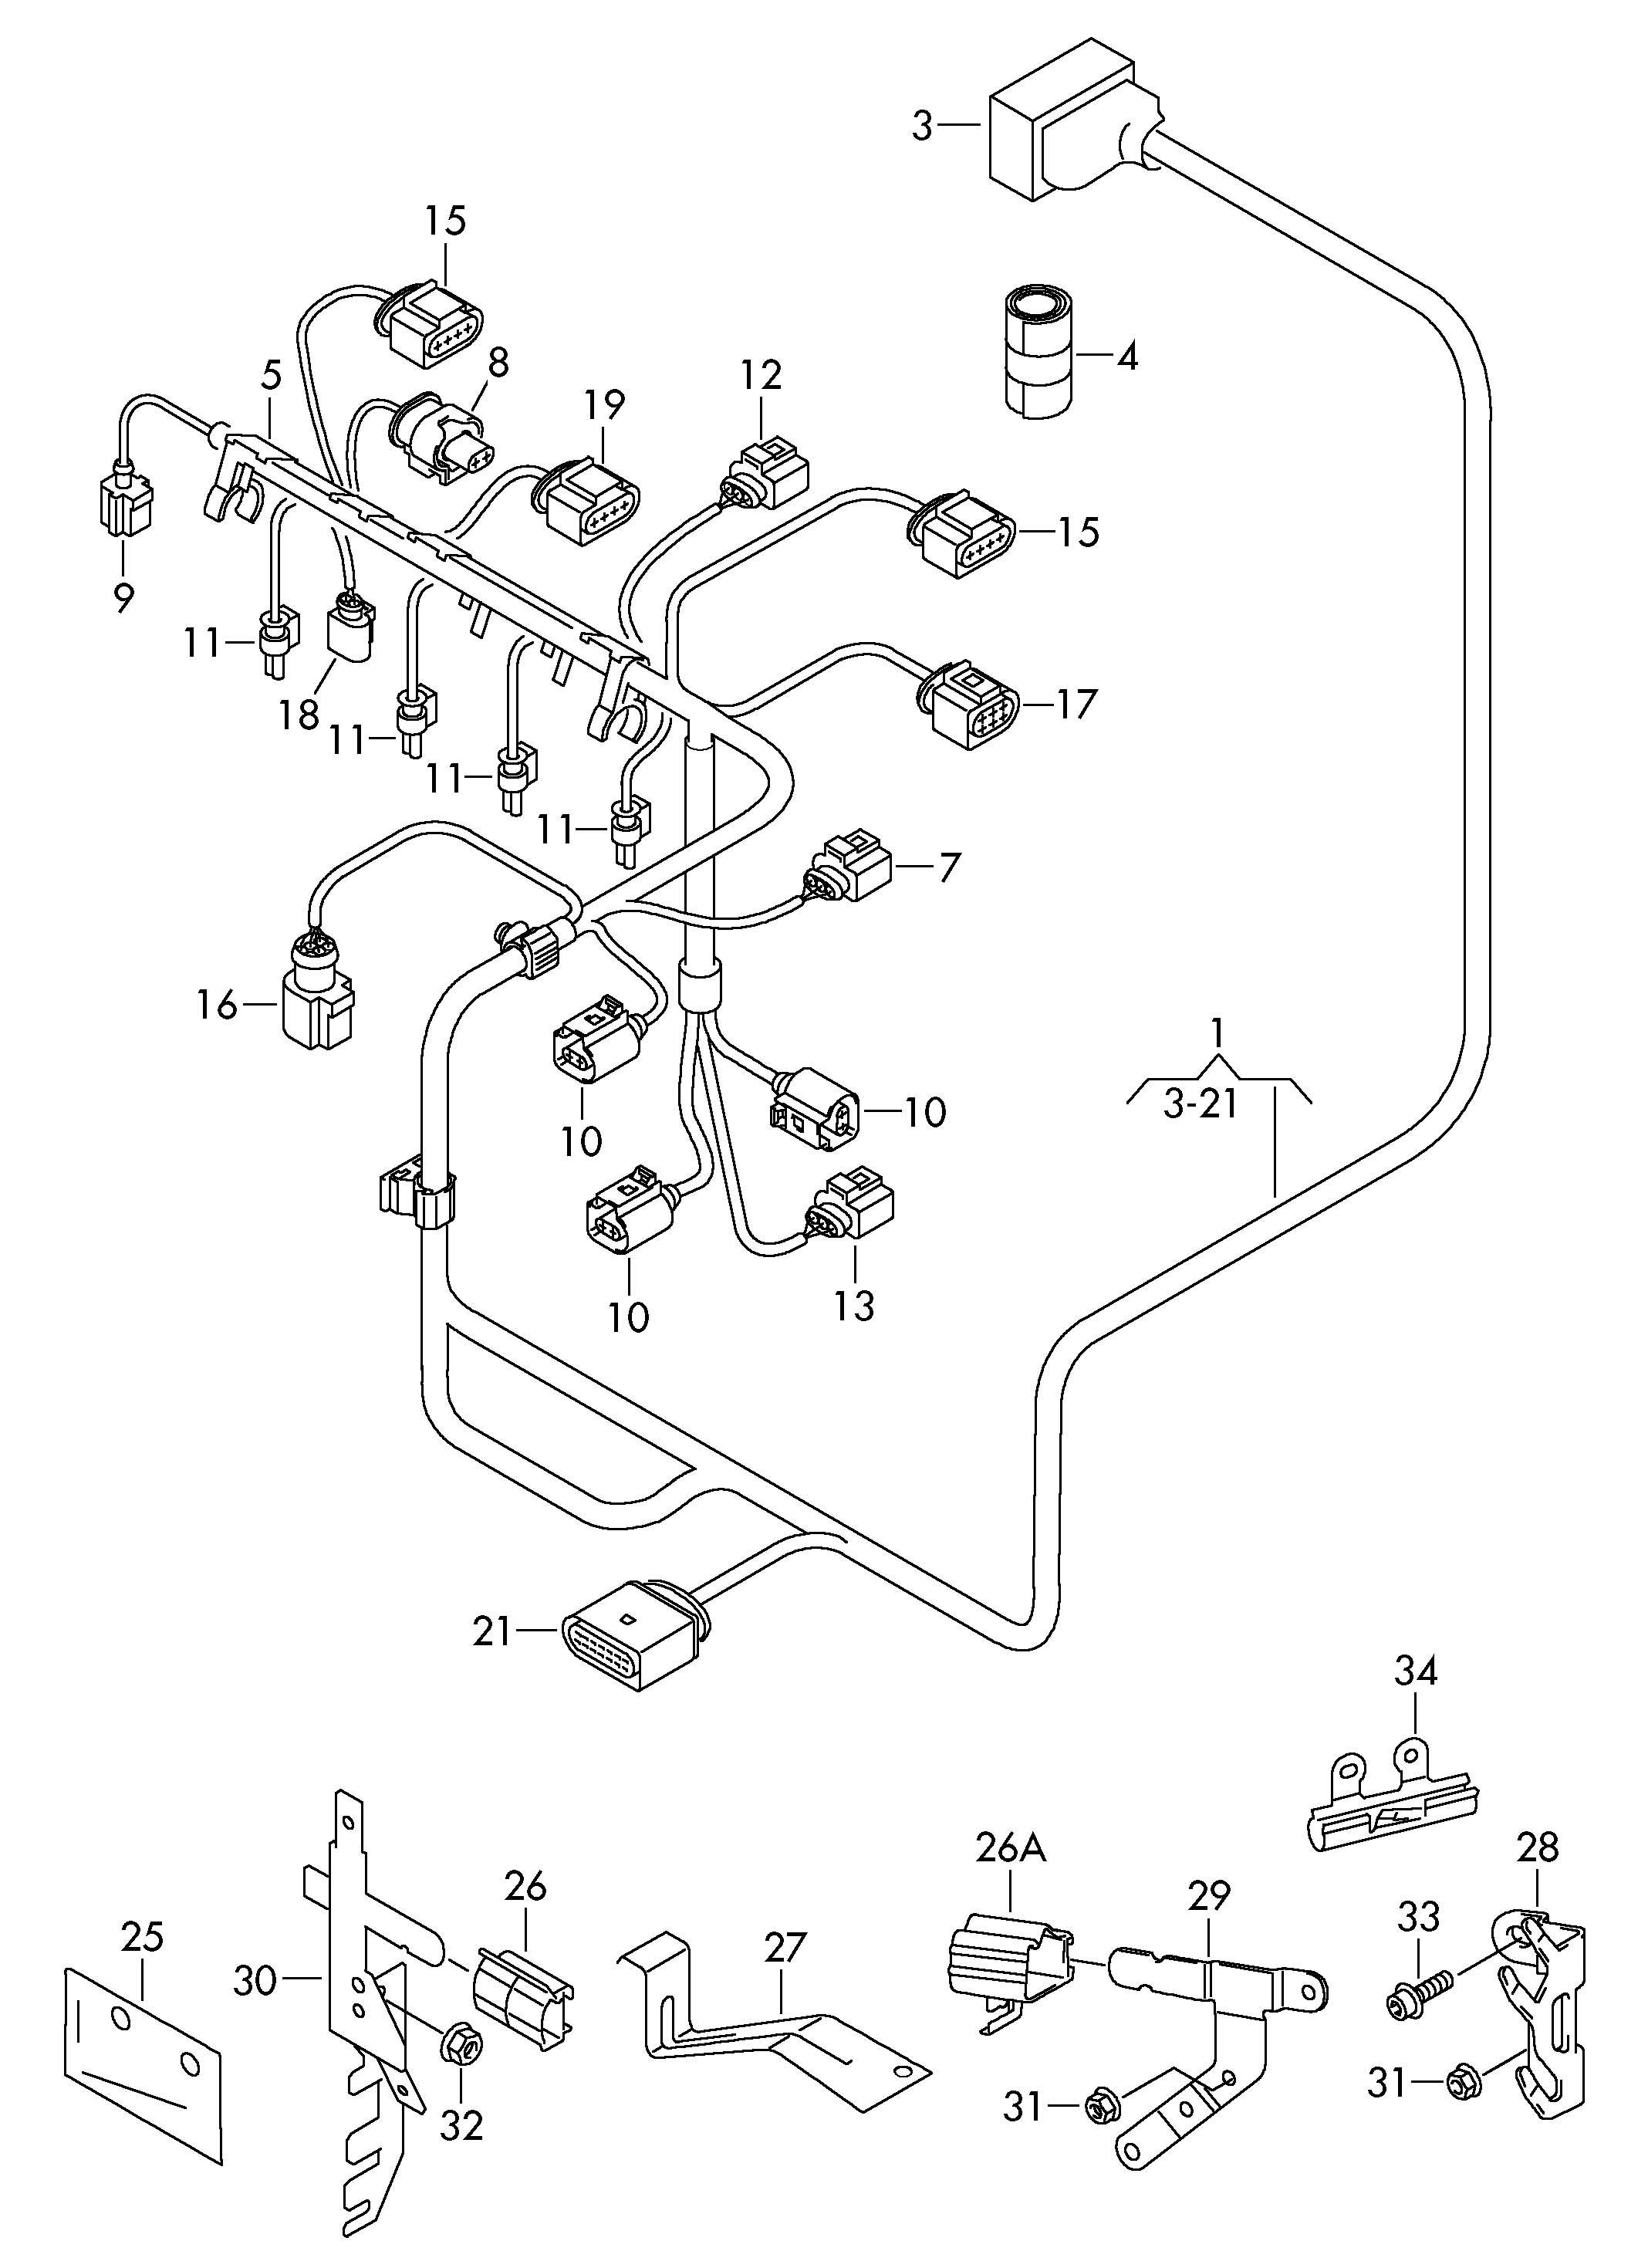 81 Volkswagen Rabbit Wiring Harness. Volkswagen. Auto